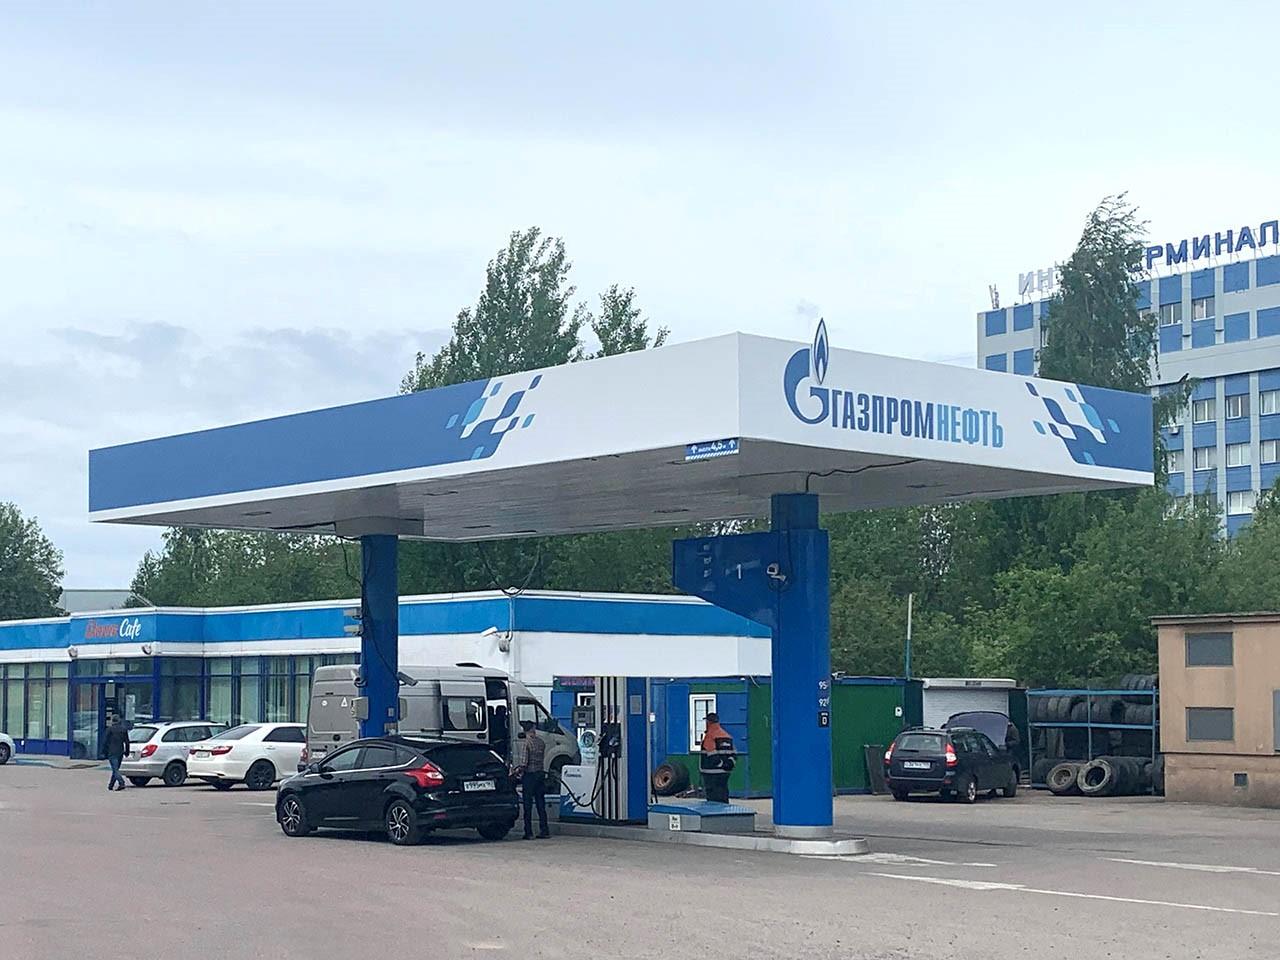 Сеть АЗС «Газпромнефть» увеличилась до 101 станции в Санкт-Петербурге и Ленинградской области